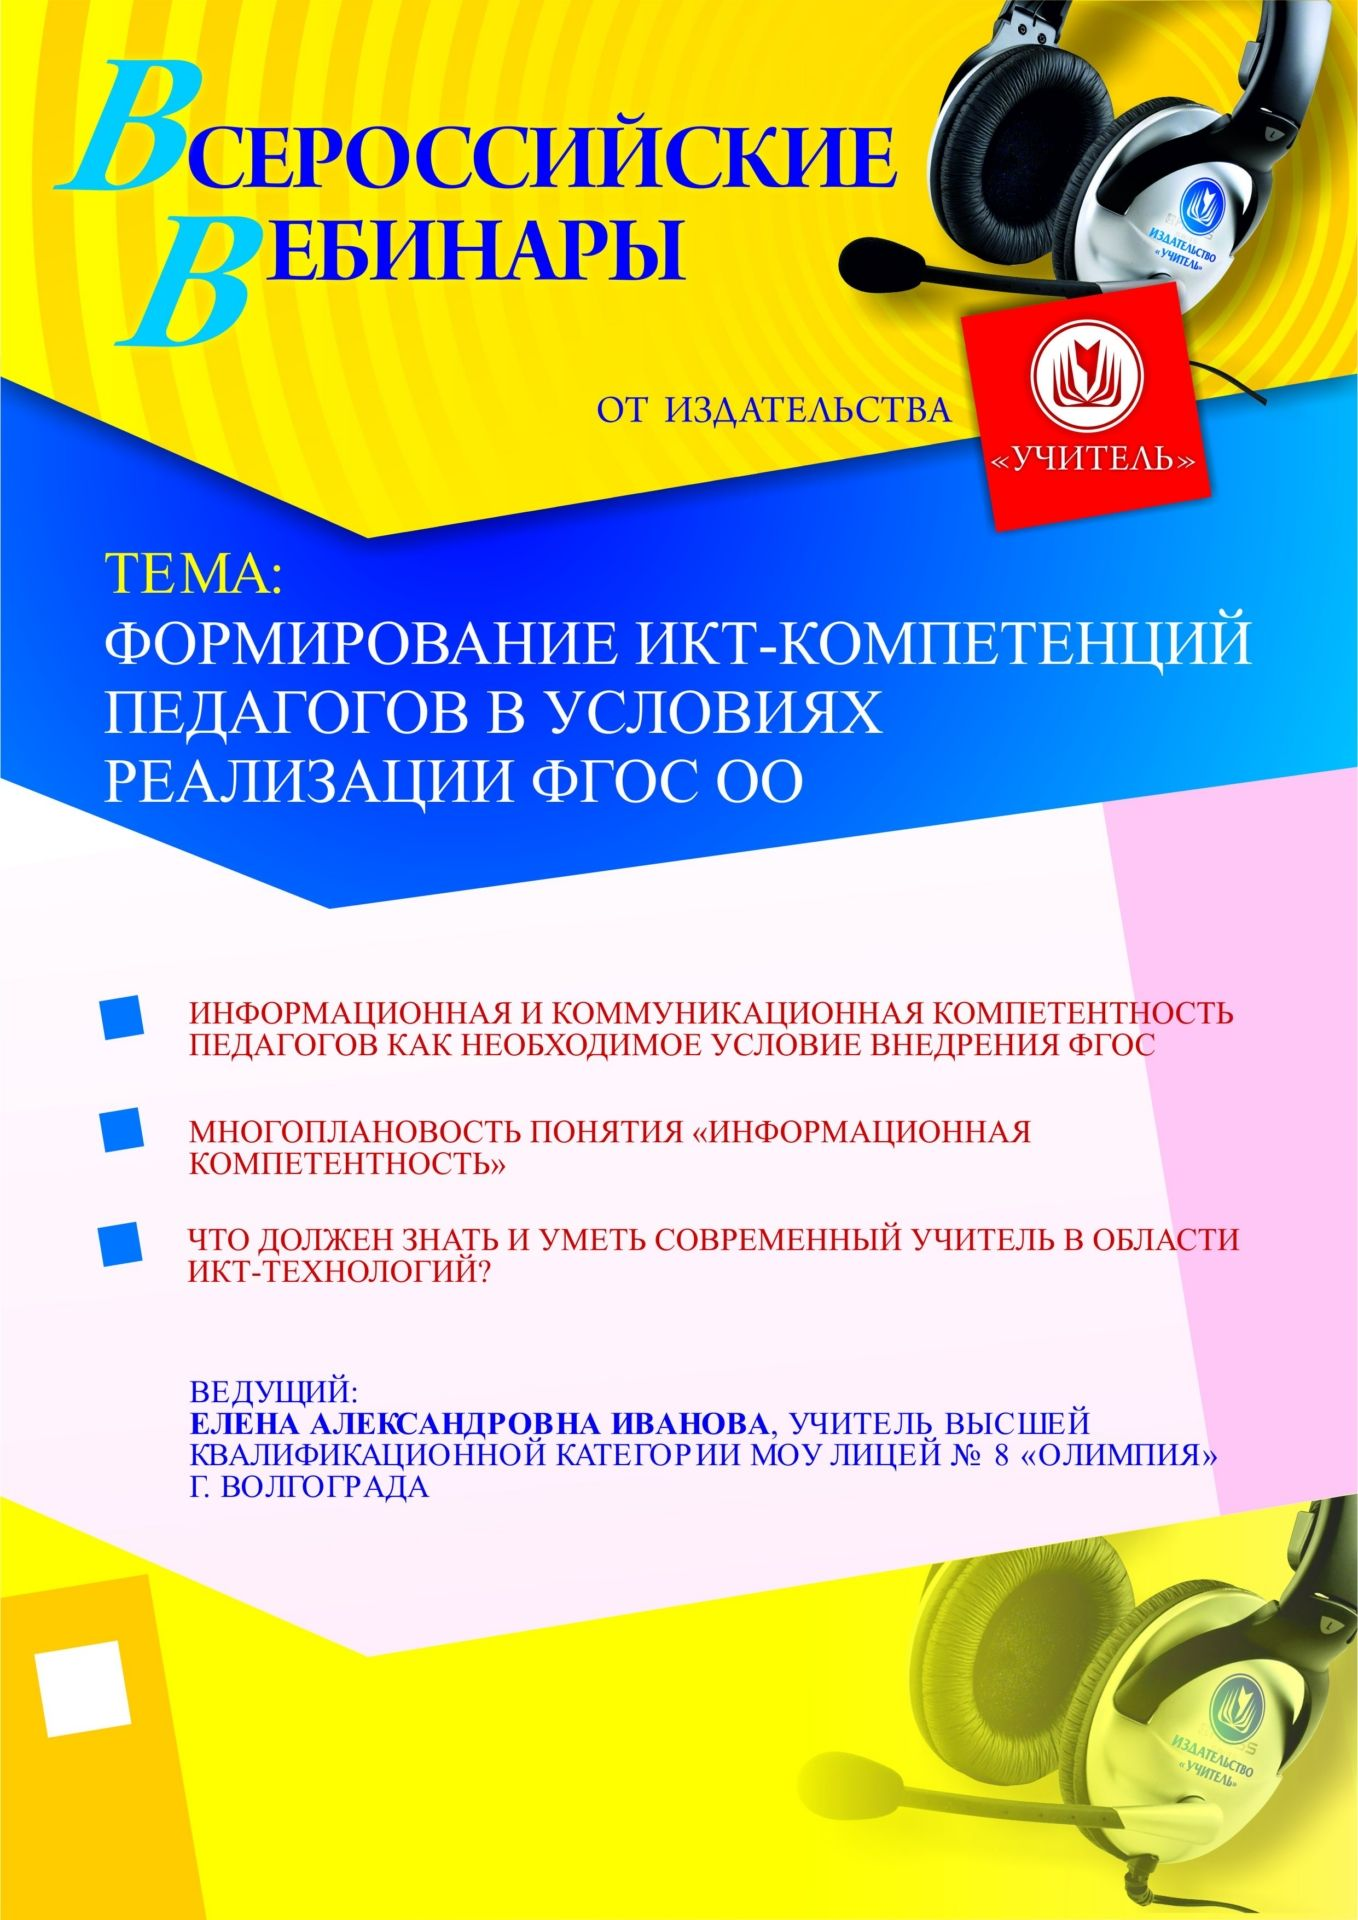 Формирование ИКТ-компетенций педагогов в условиях реализации ФГОС ОО фото